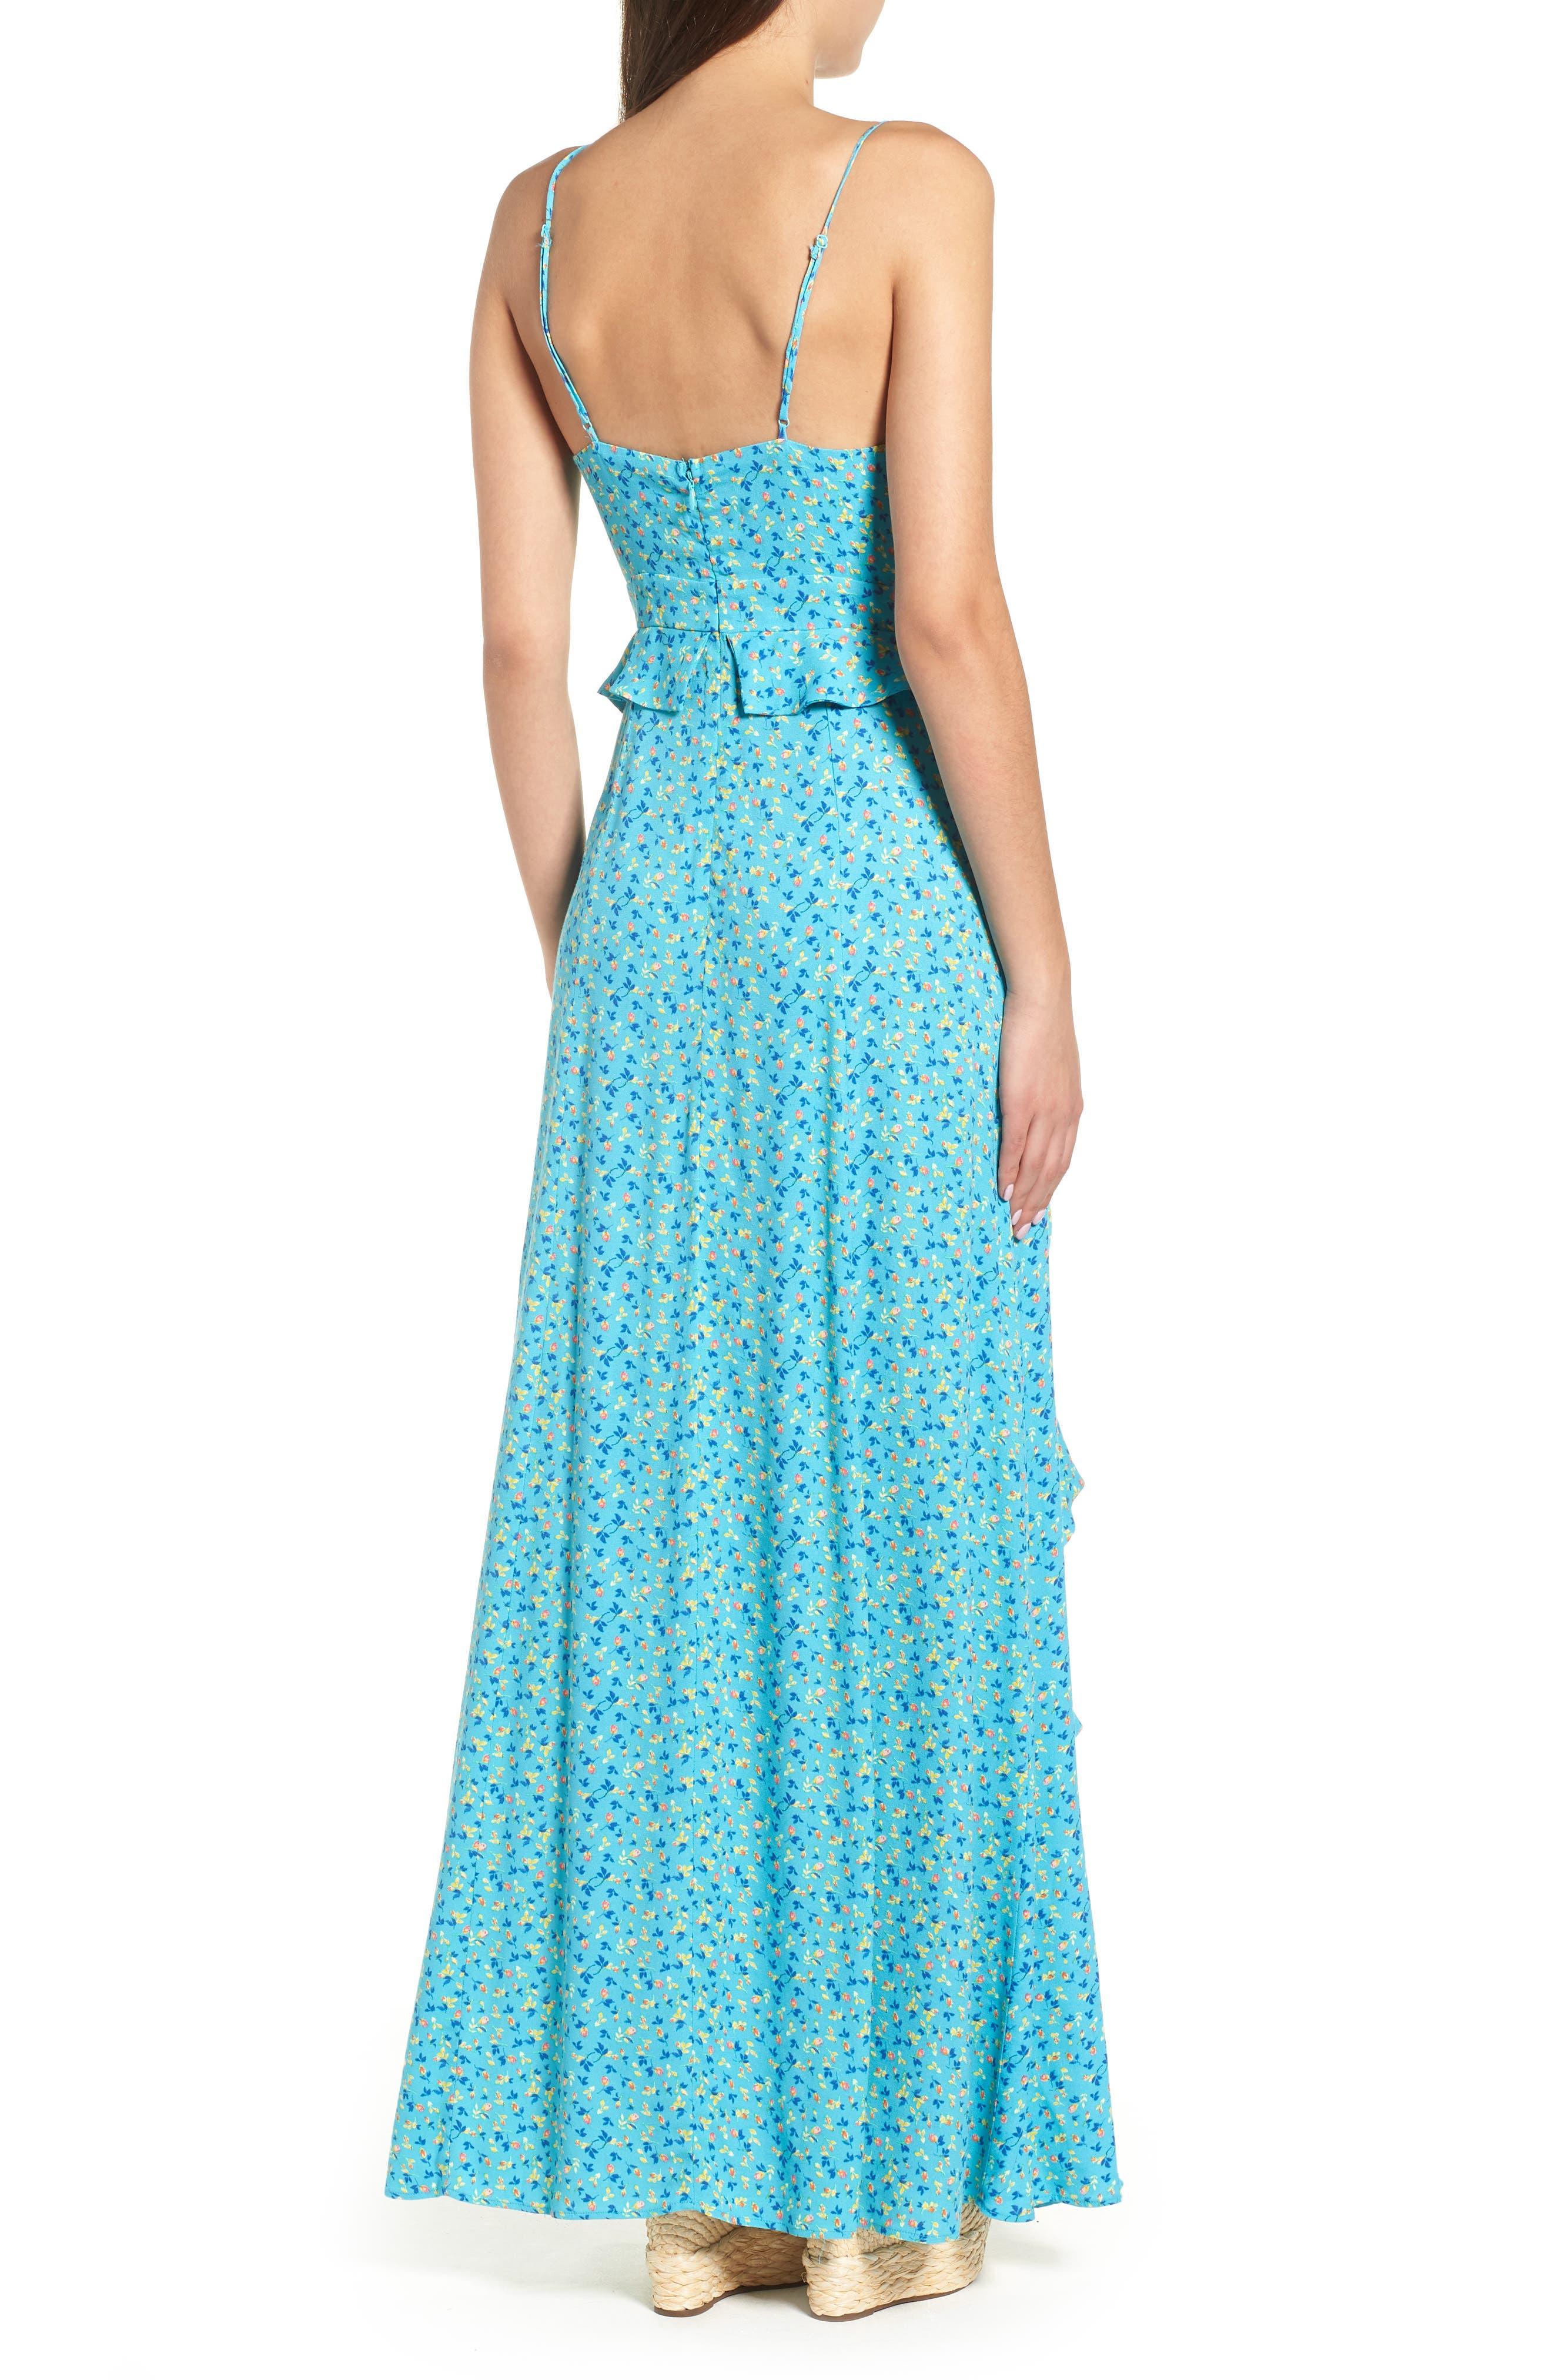 Kiki Ruffle Maxi Dress,                             Alternate thumbnail 2, color,                             400